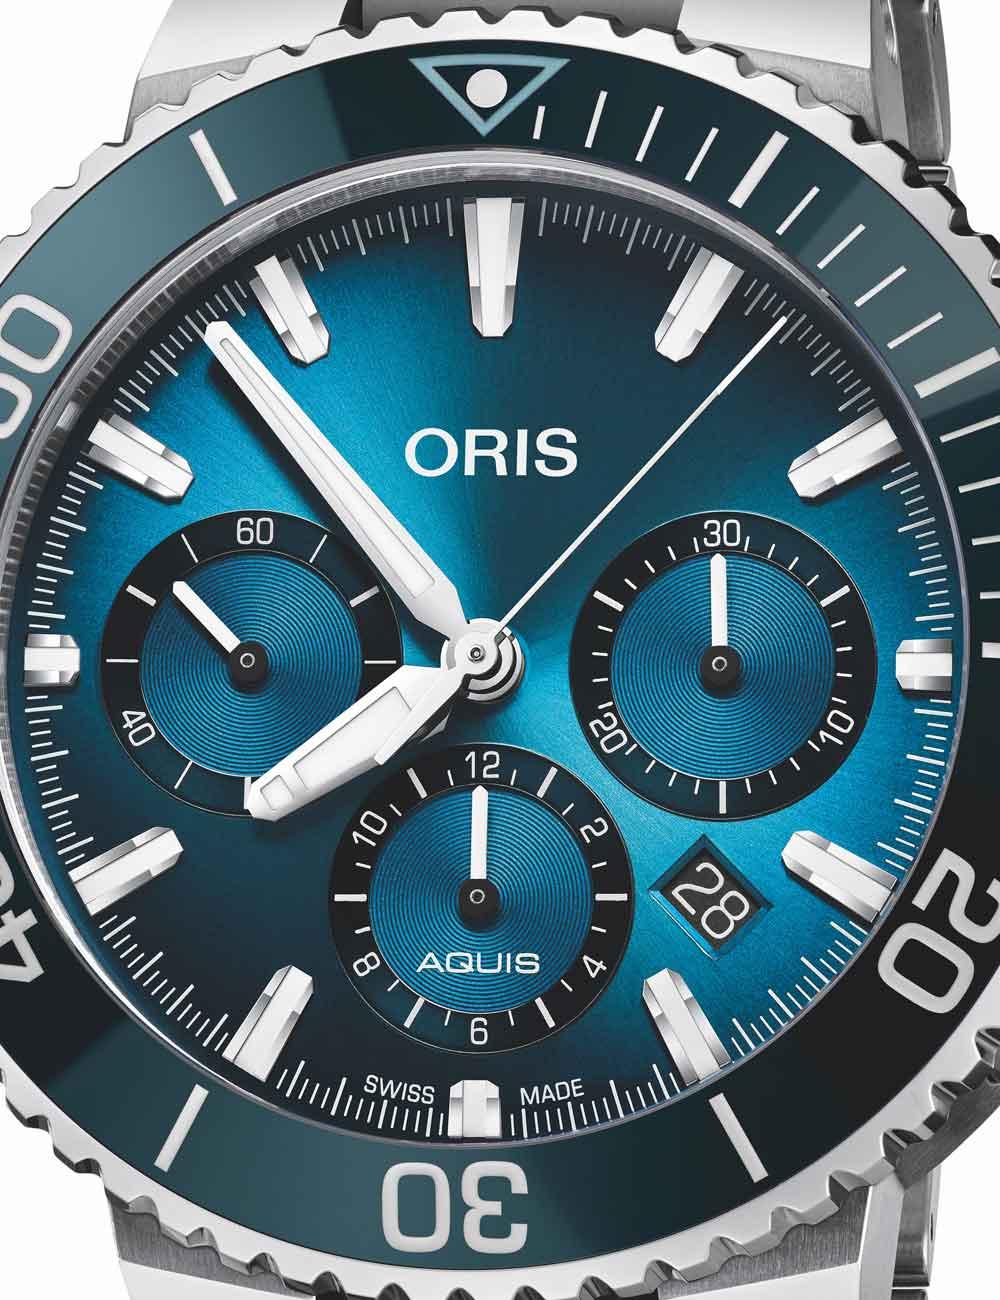 Blue Whale Limited Edition es el primer cronógrafo Aquis y el último reloj Ocean Trilogy presentado por Oris.